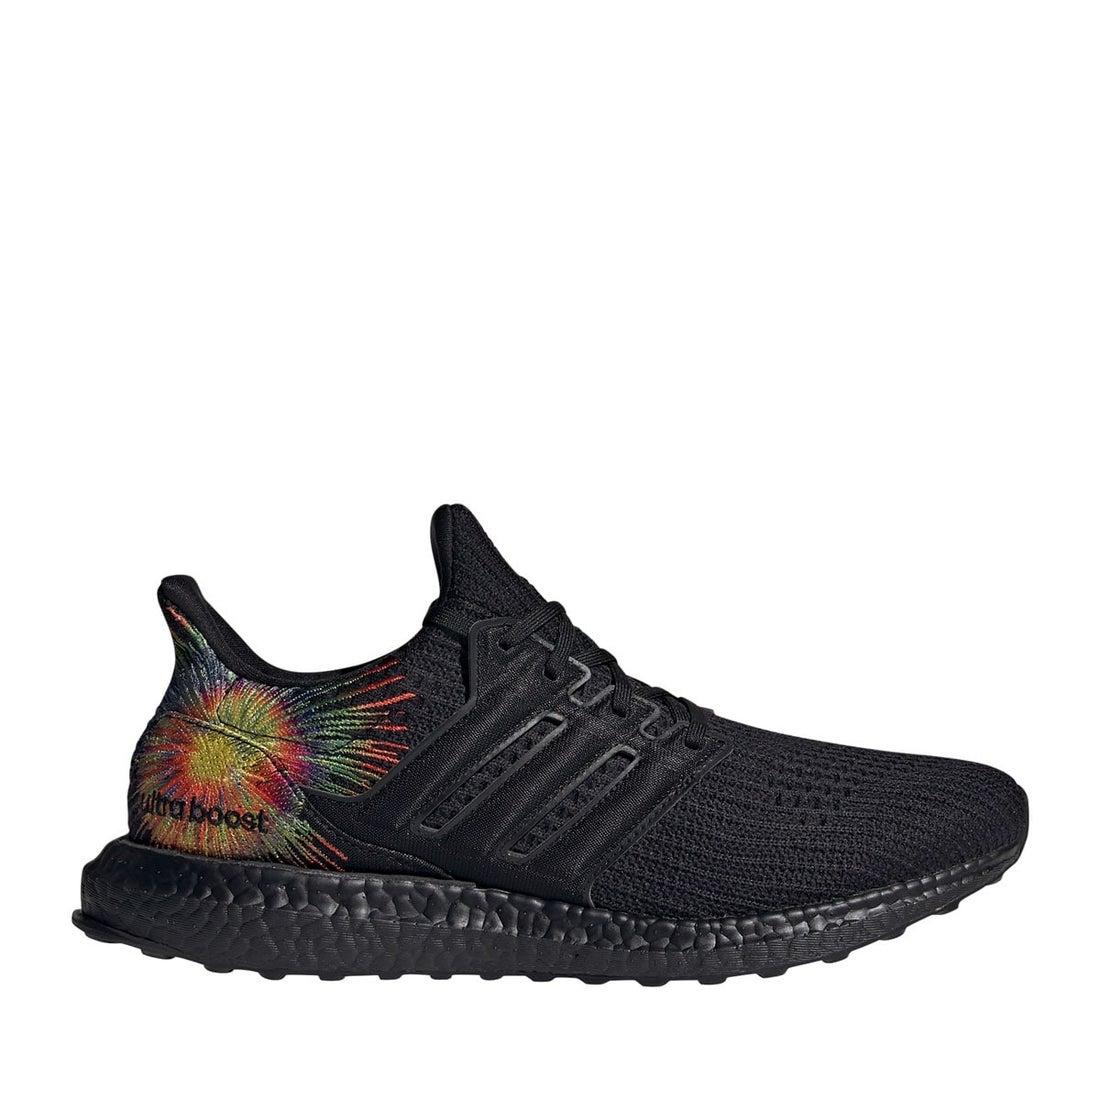 ロコンド 靴とファッションの通販サイトアディダス adidas ULTRABOOST DNA (BLACK)